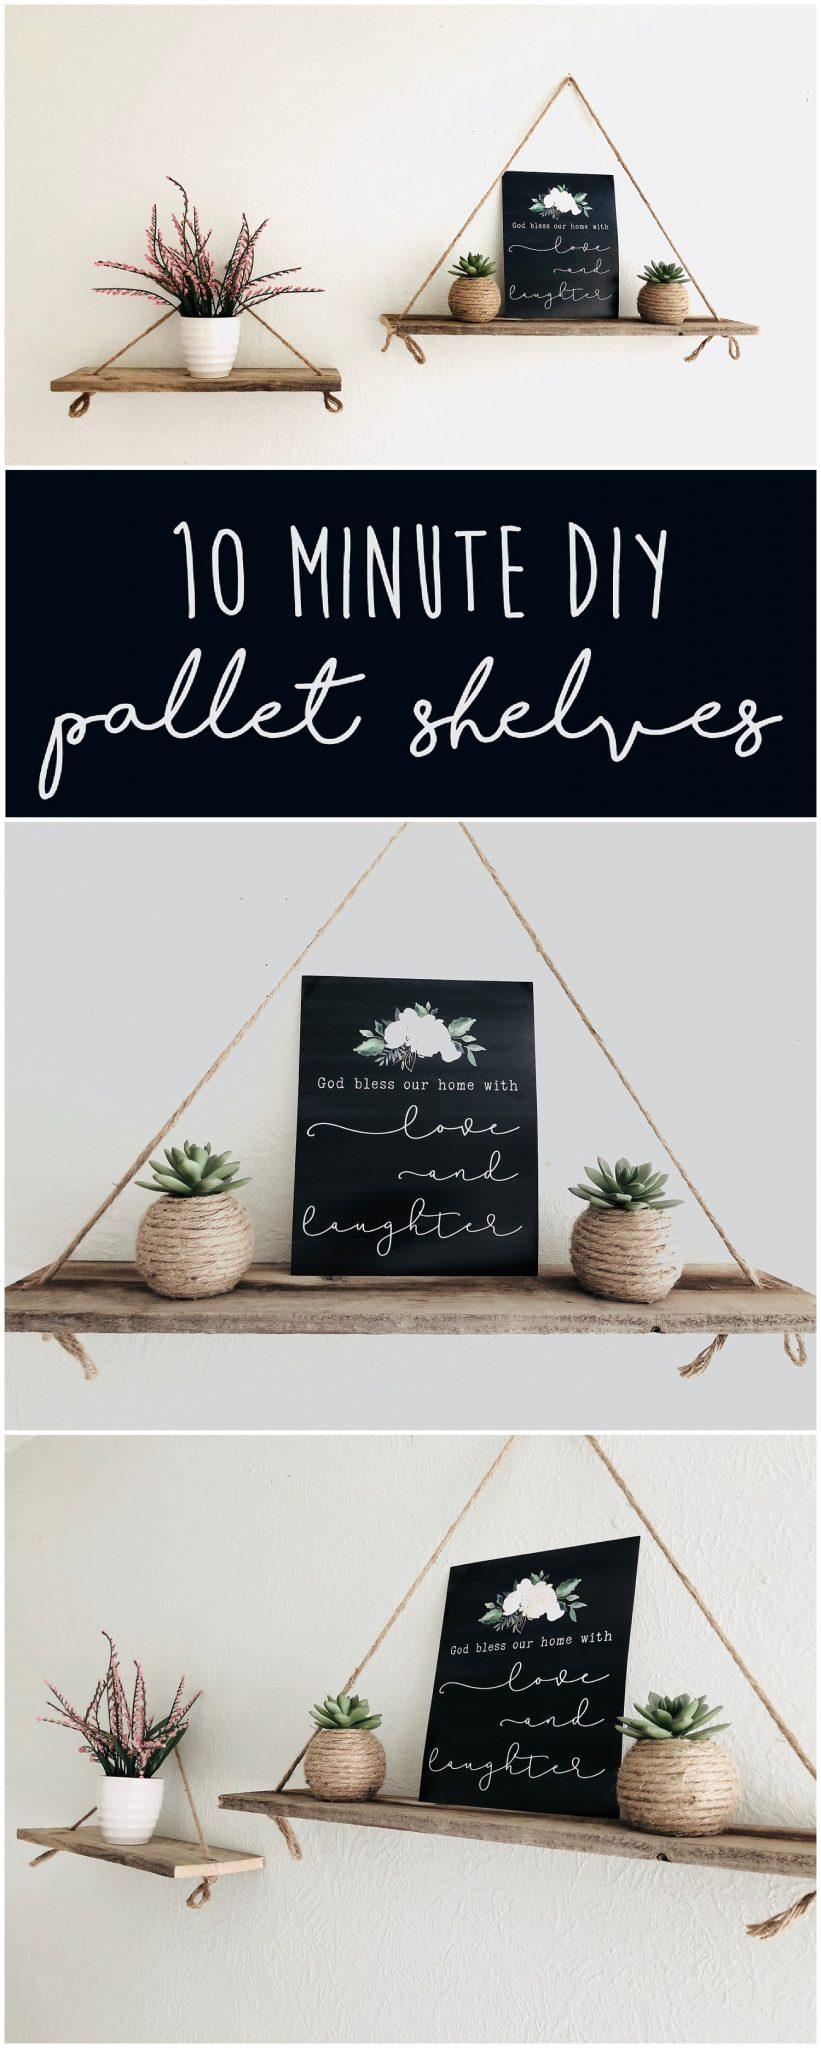 image of 10 Minute DIY Pallet Shelves